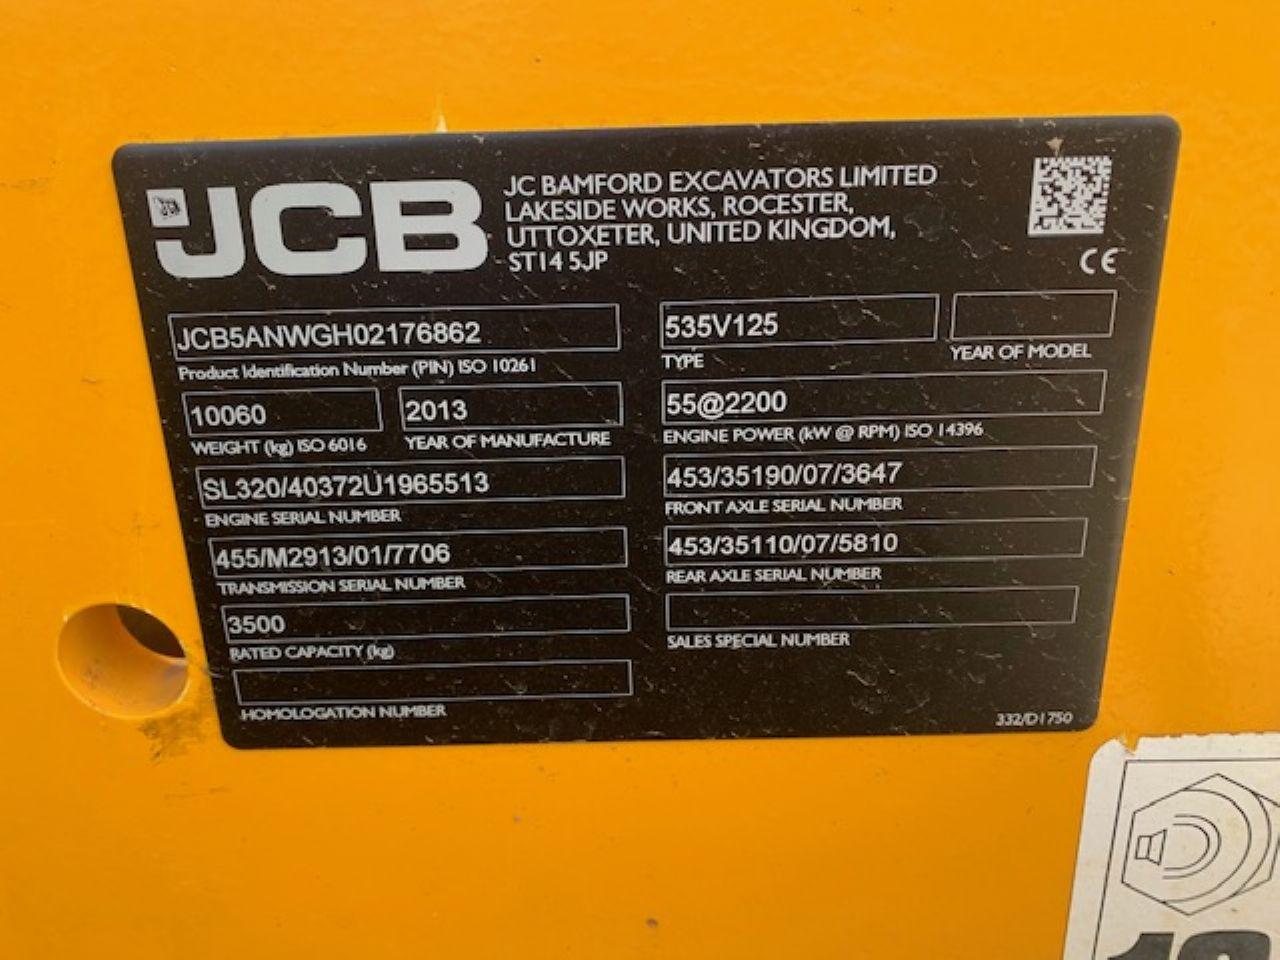 JCB 535-125 TELEHANDLER - Picture 5